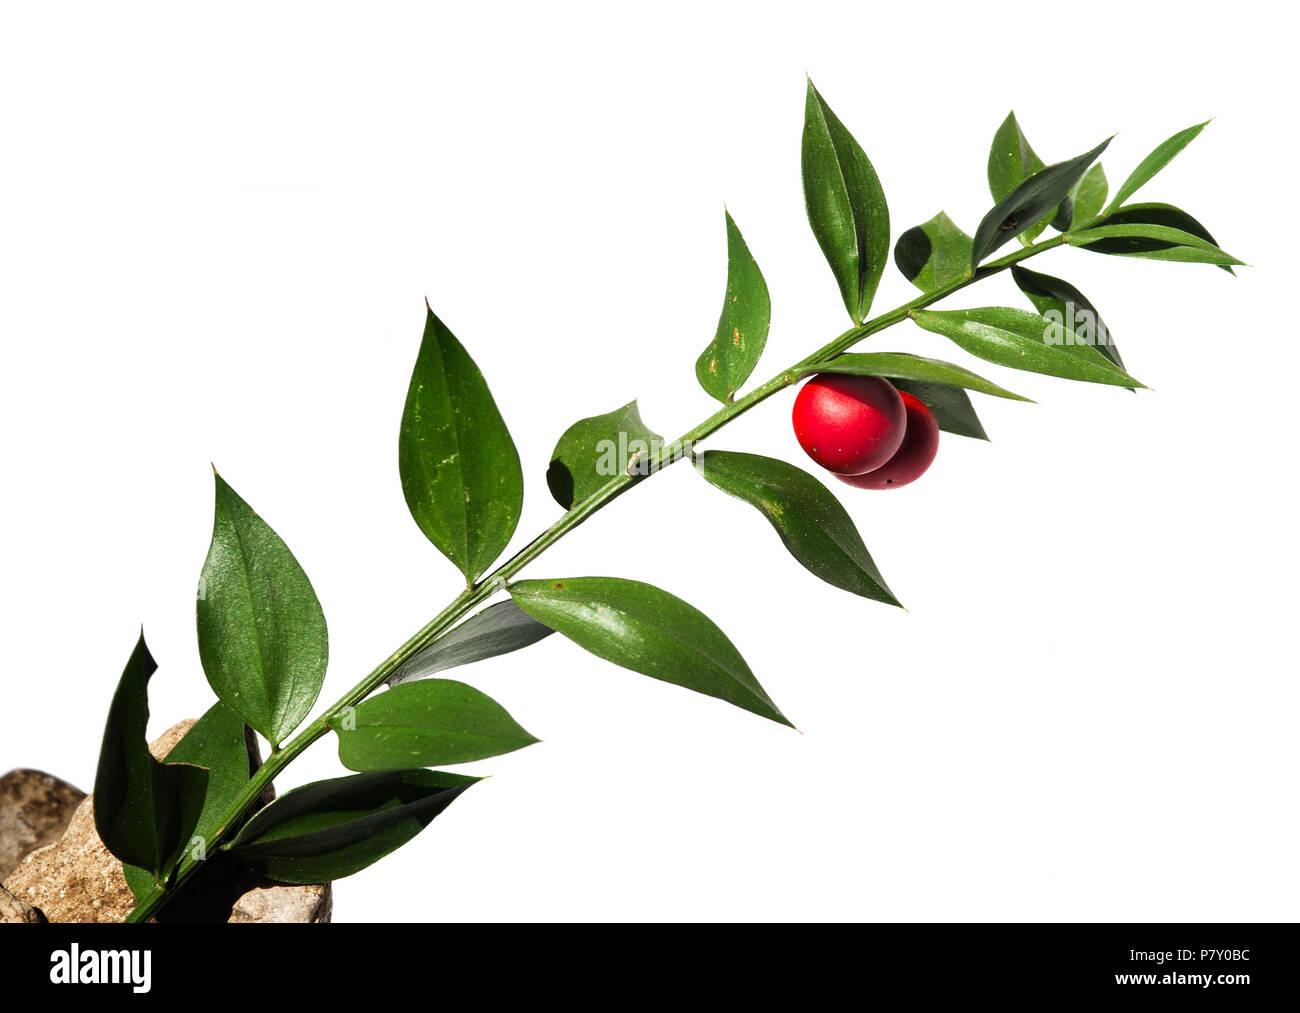 Grün Zweig des Buthers - Besen (Ruscus aculeatus) falsche Blätter mit zwei roten Beeren/Obst gegen einen weißen Hintergrund. Parque Natural da Arrábida Stockbild